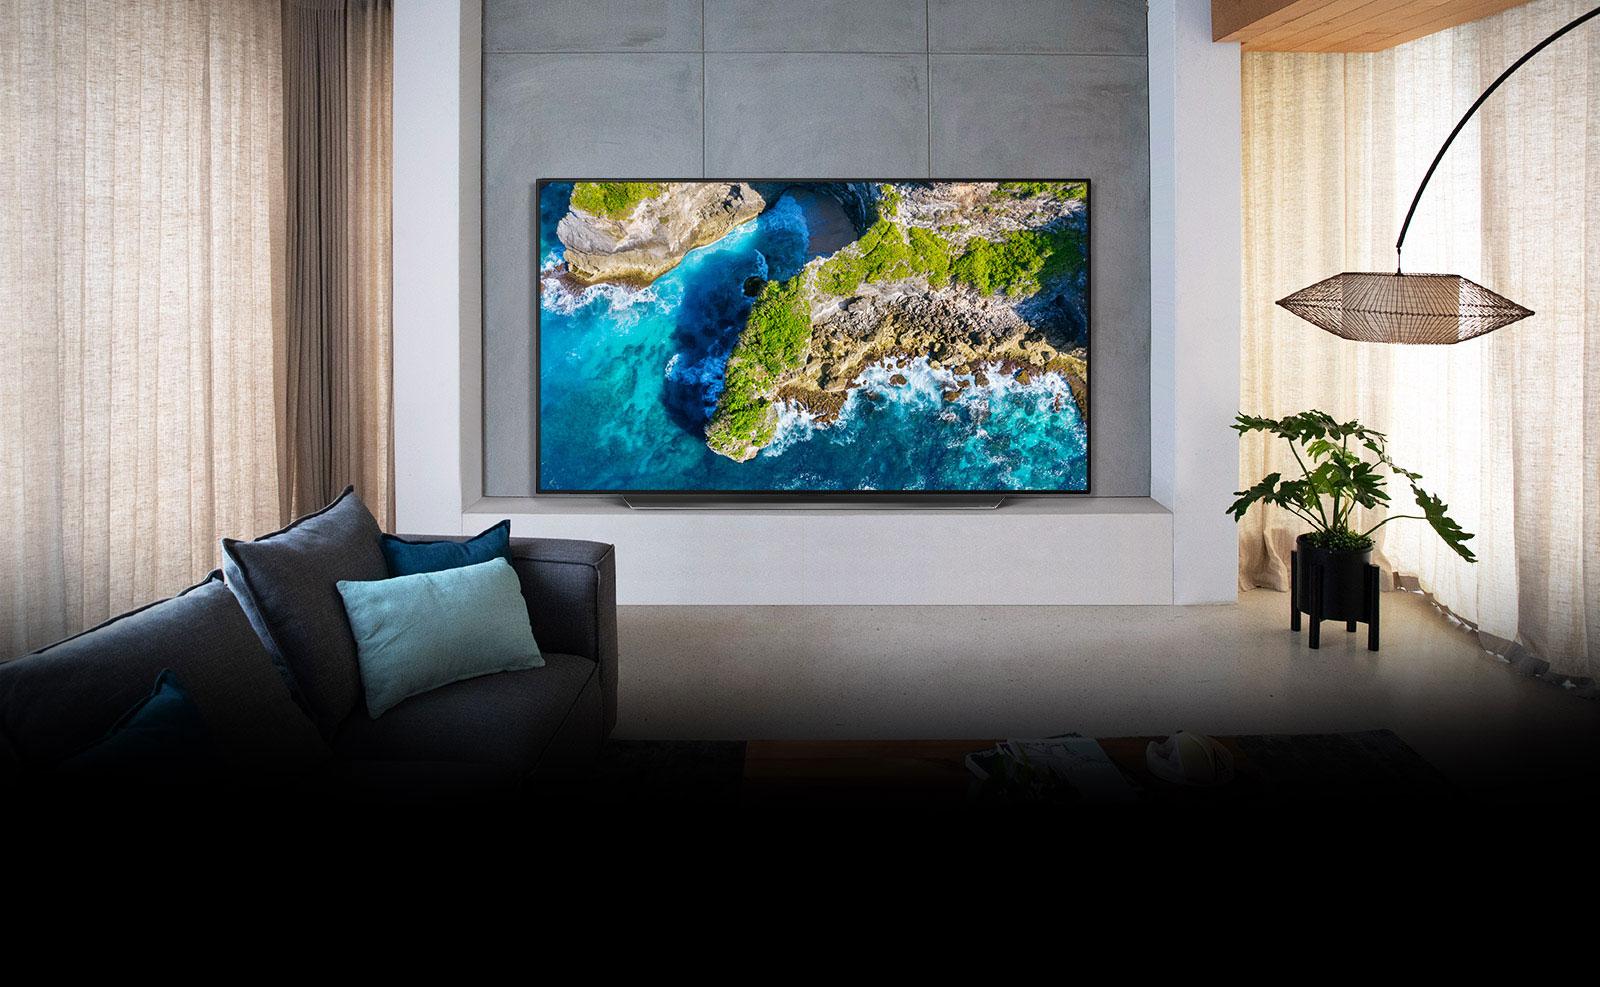 TV che mostra la veduta aerea di un paesaggio naturale in un'ambientazione di lusso